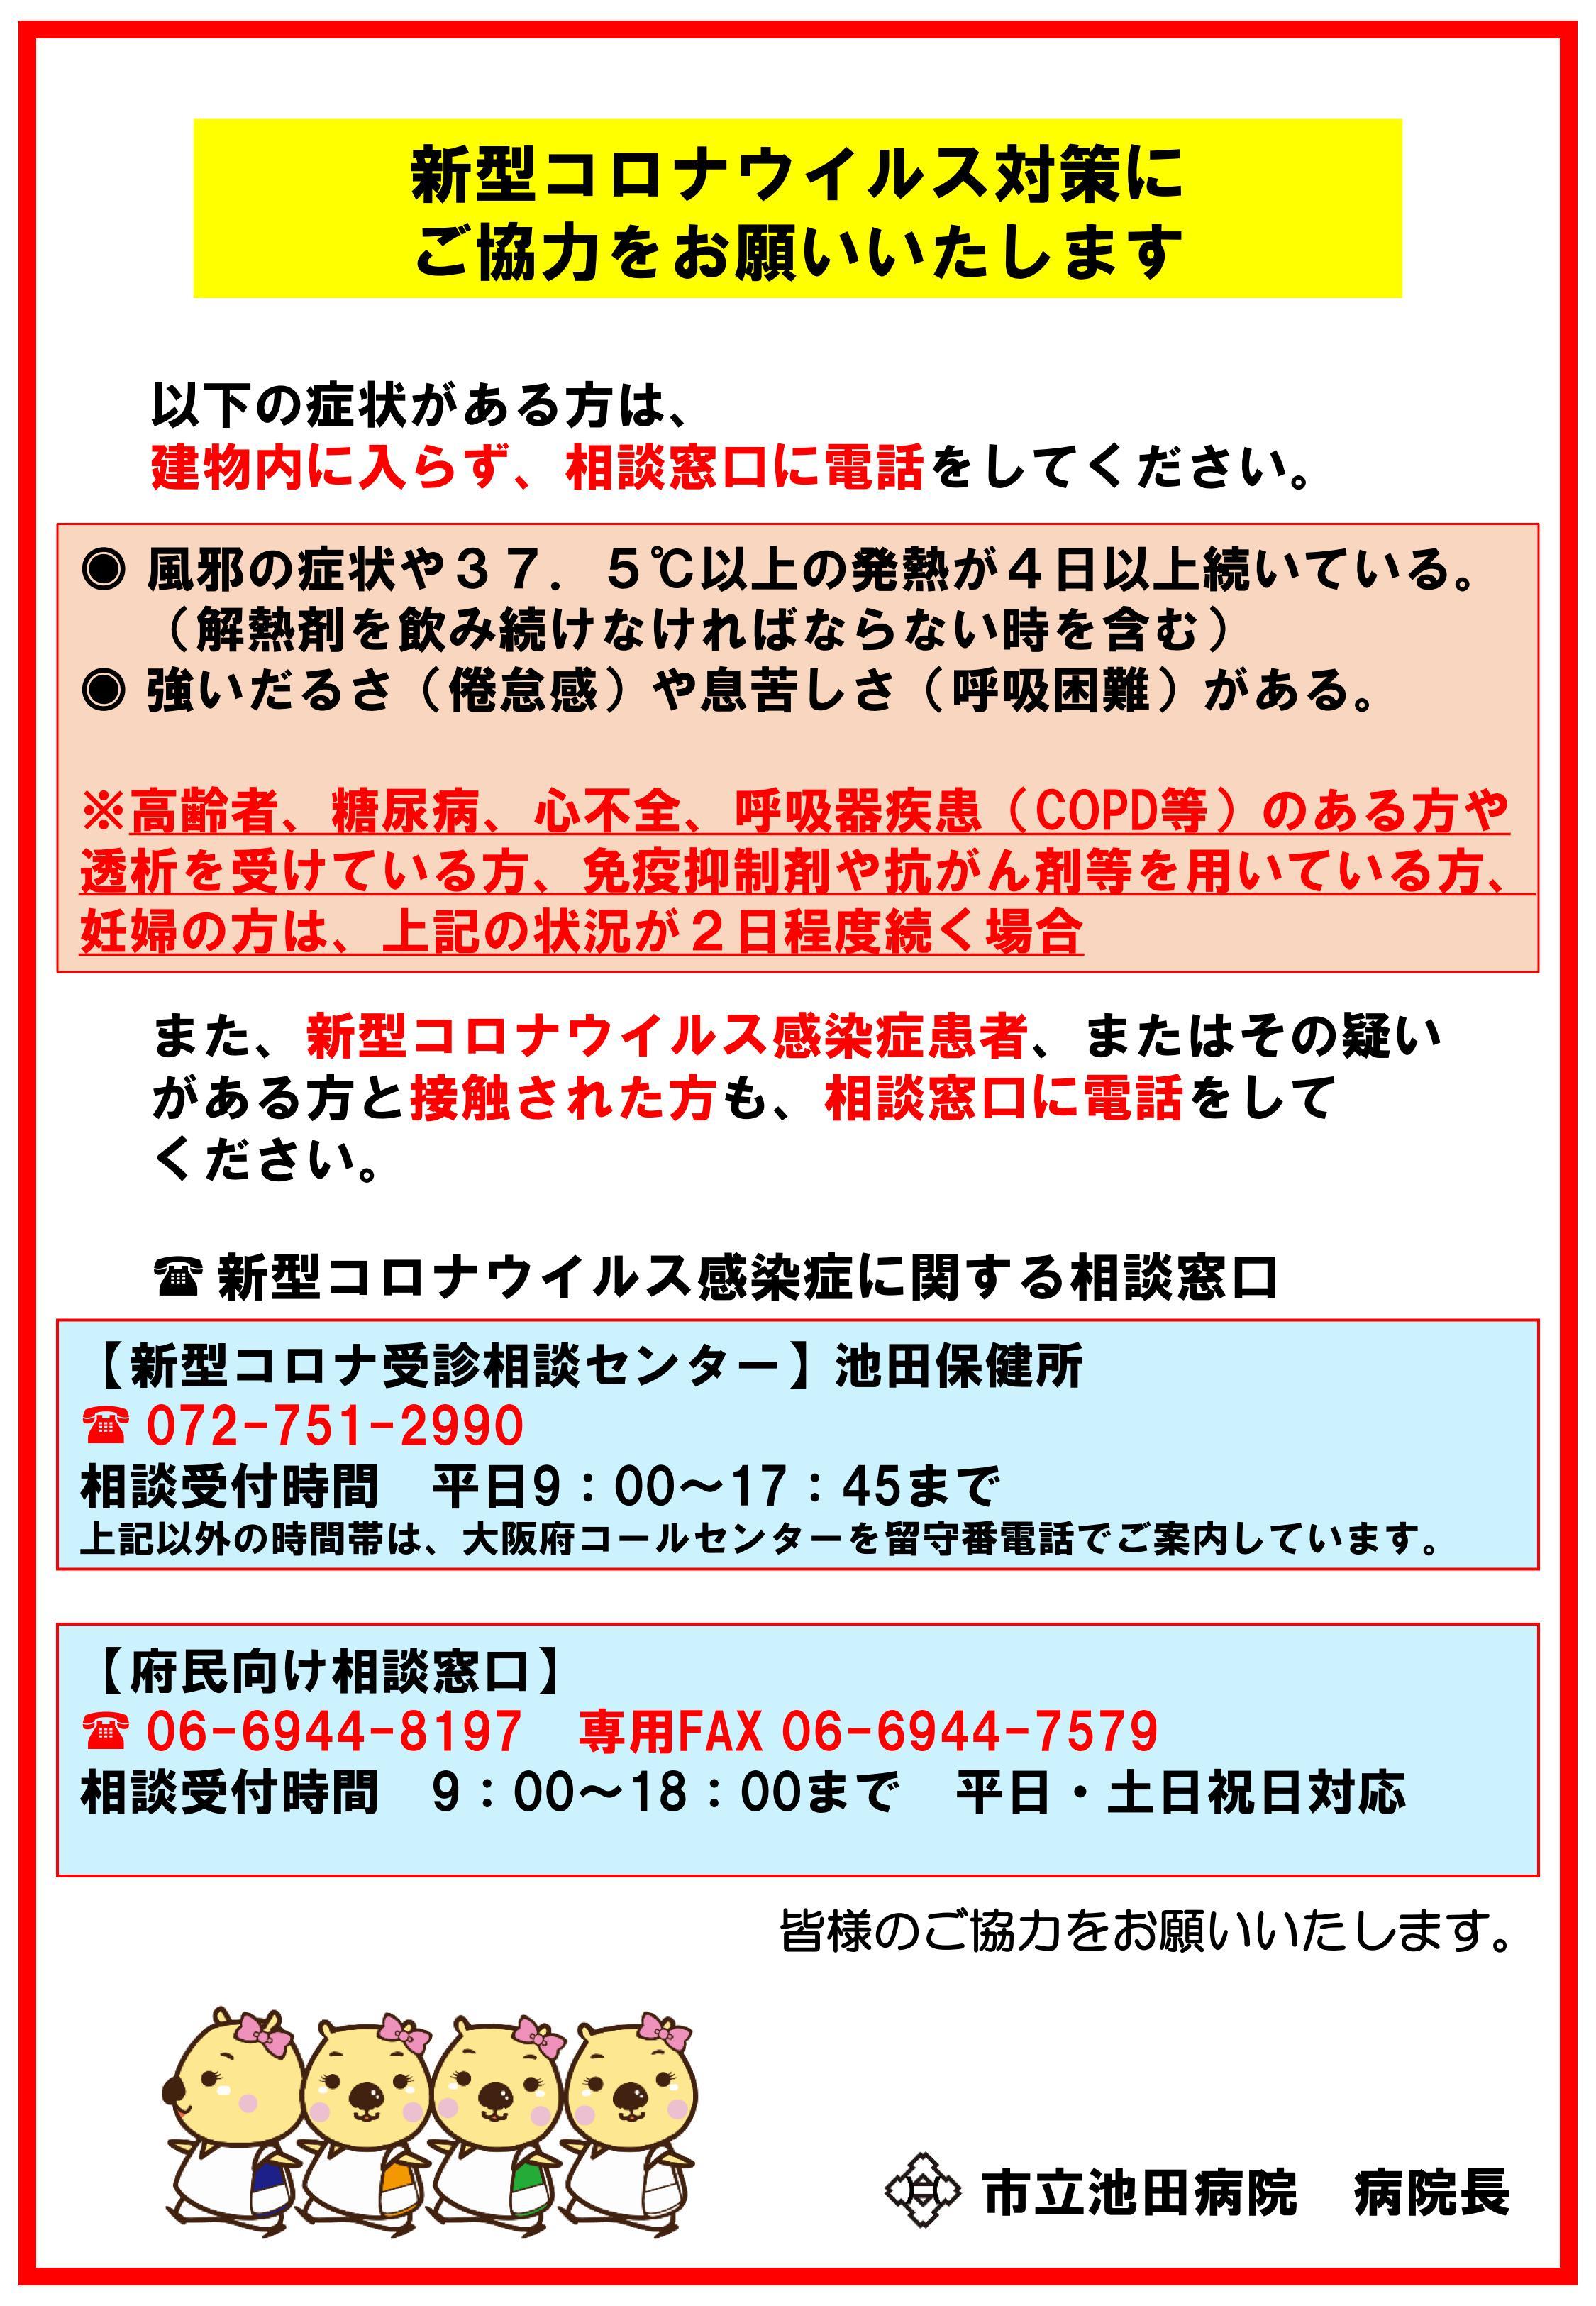 コロナ ウイルス 検査 病院 大阪府/「診療・検査医療機関」について